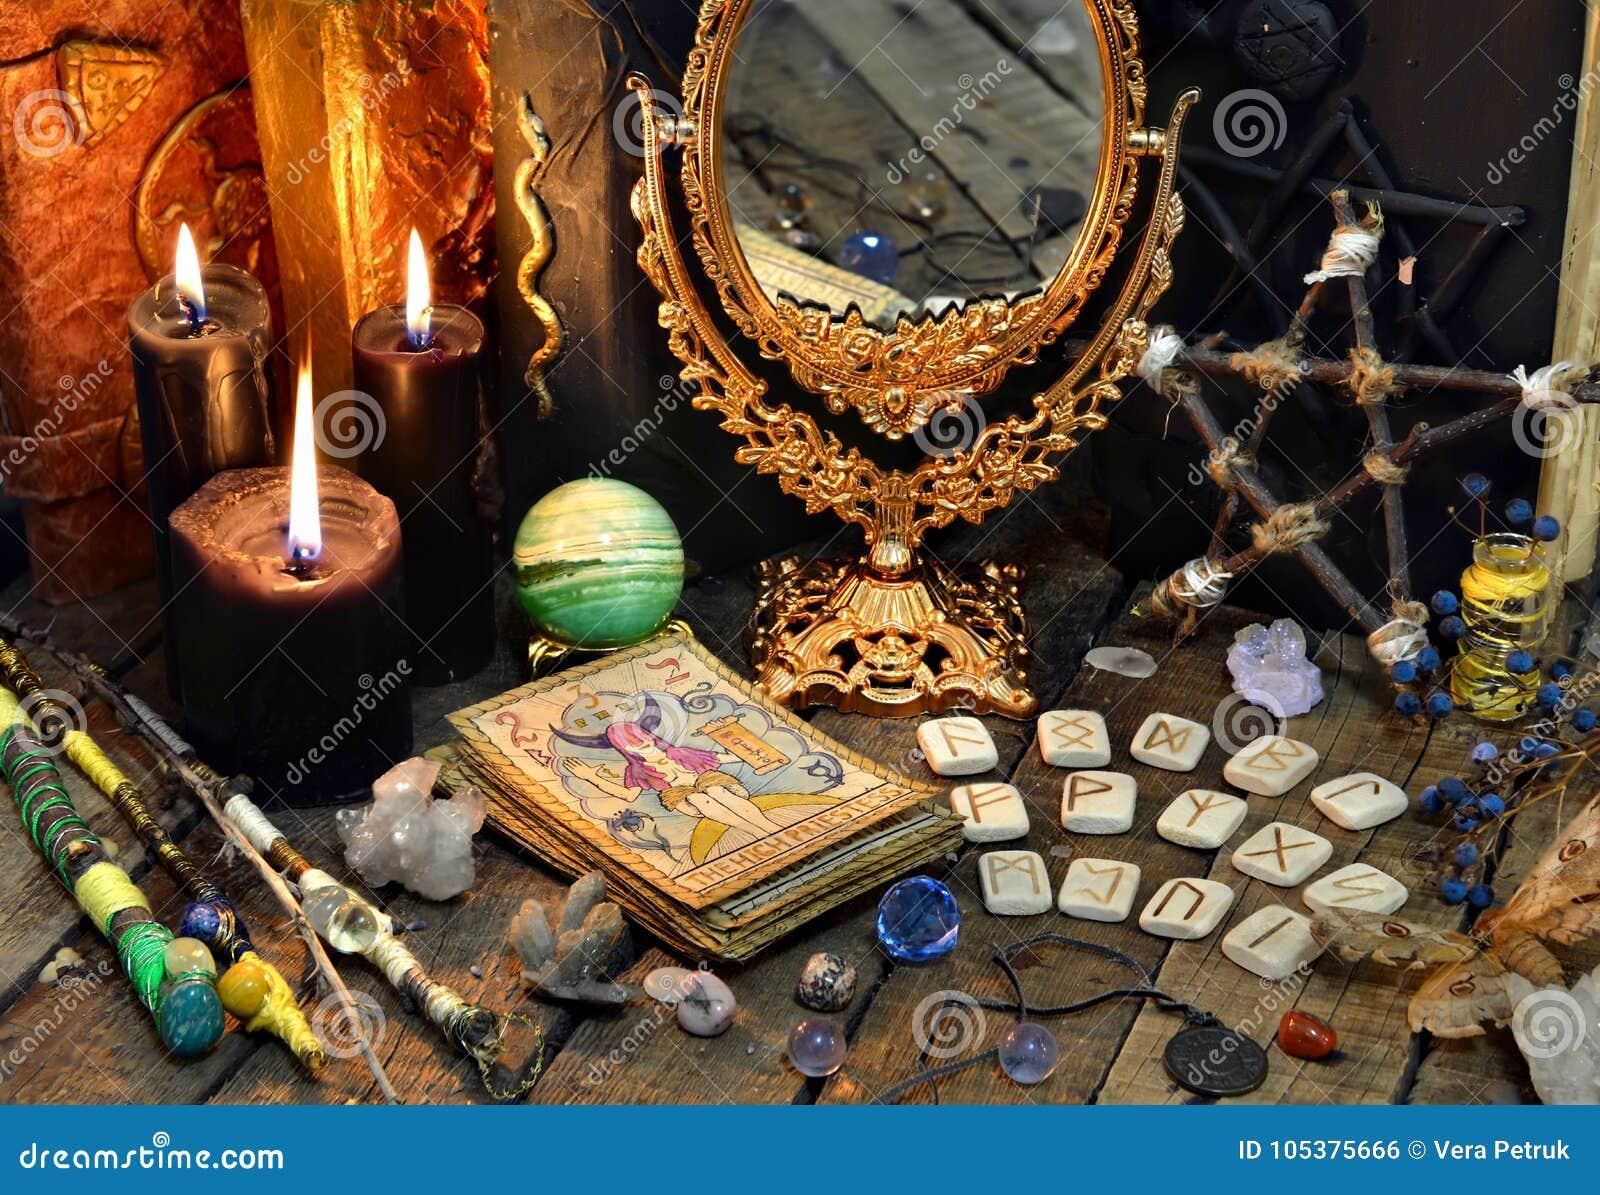 占卜用的纸牌、不可思议的鞭子、诗歌、黑蜡烛与镜子和旧书